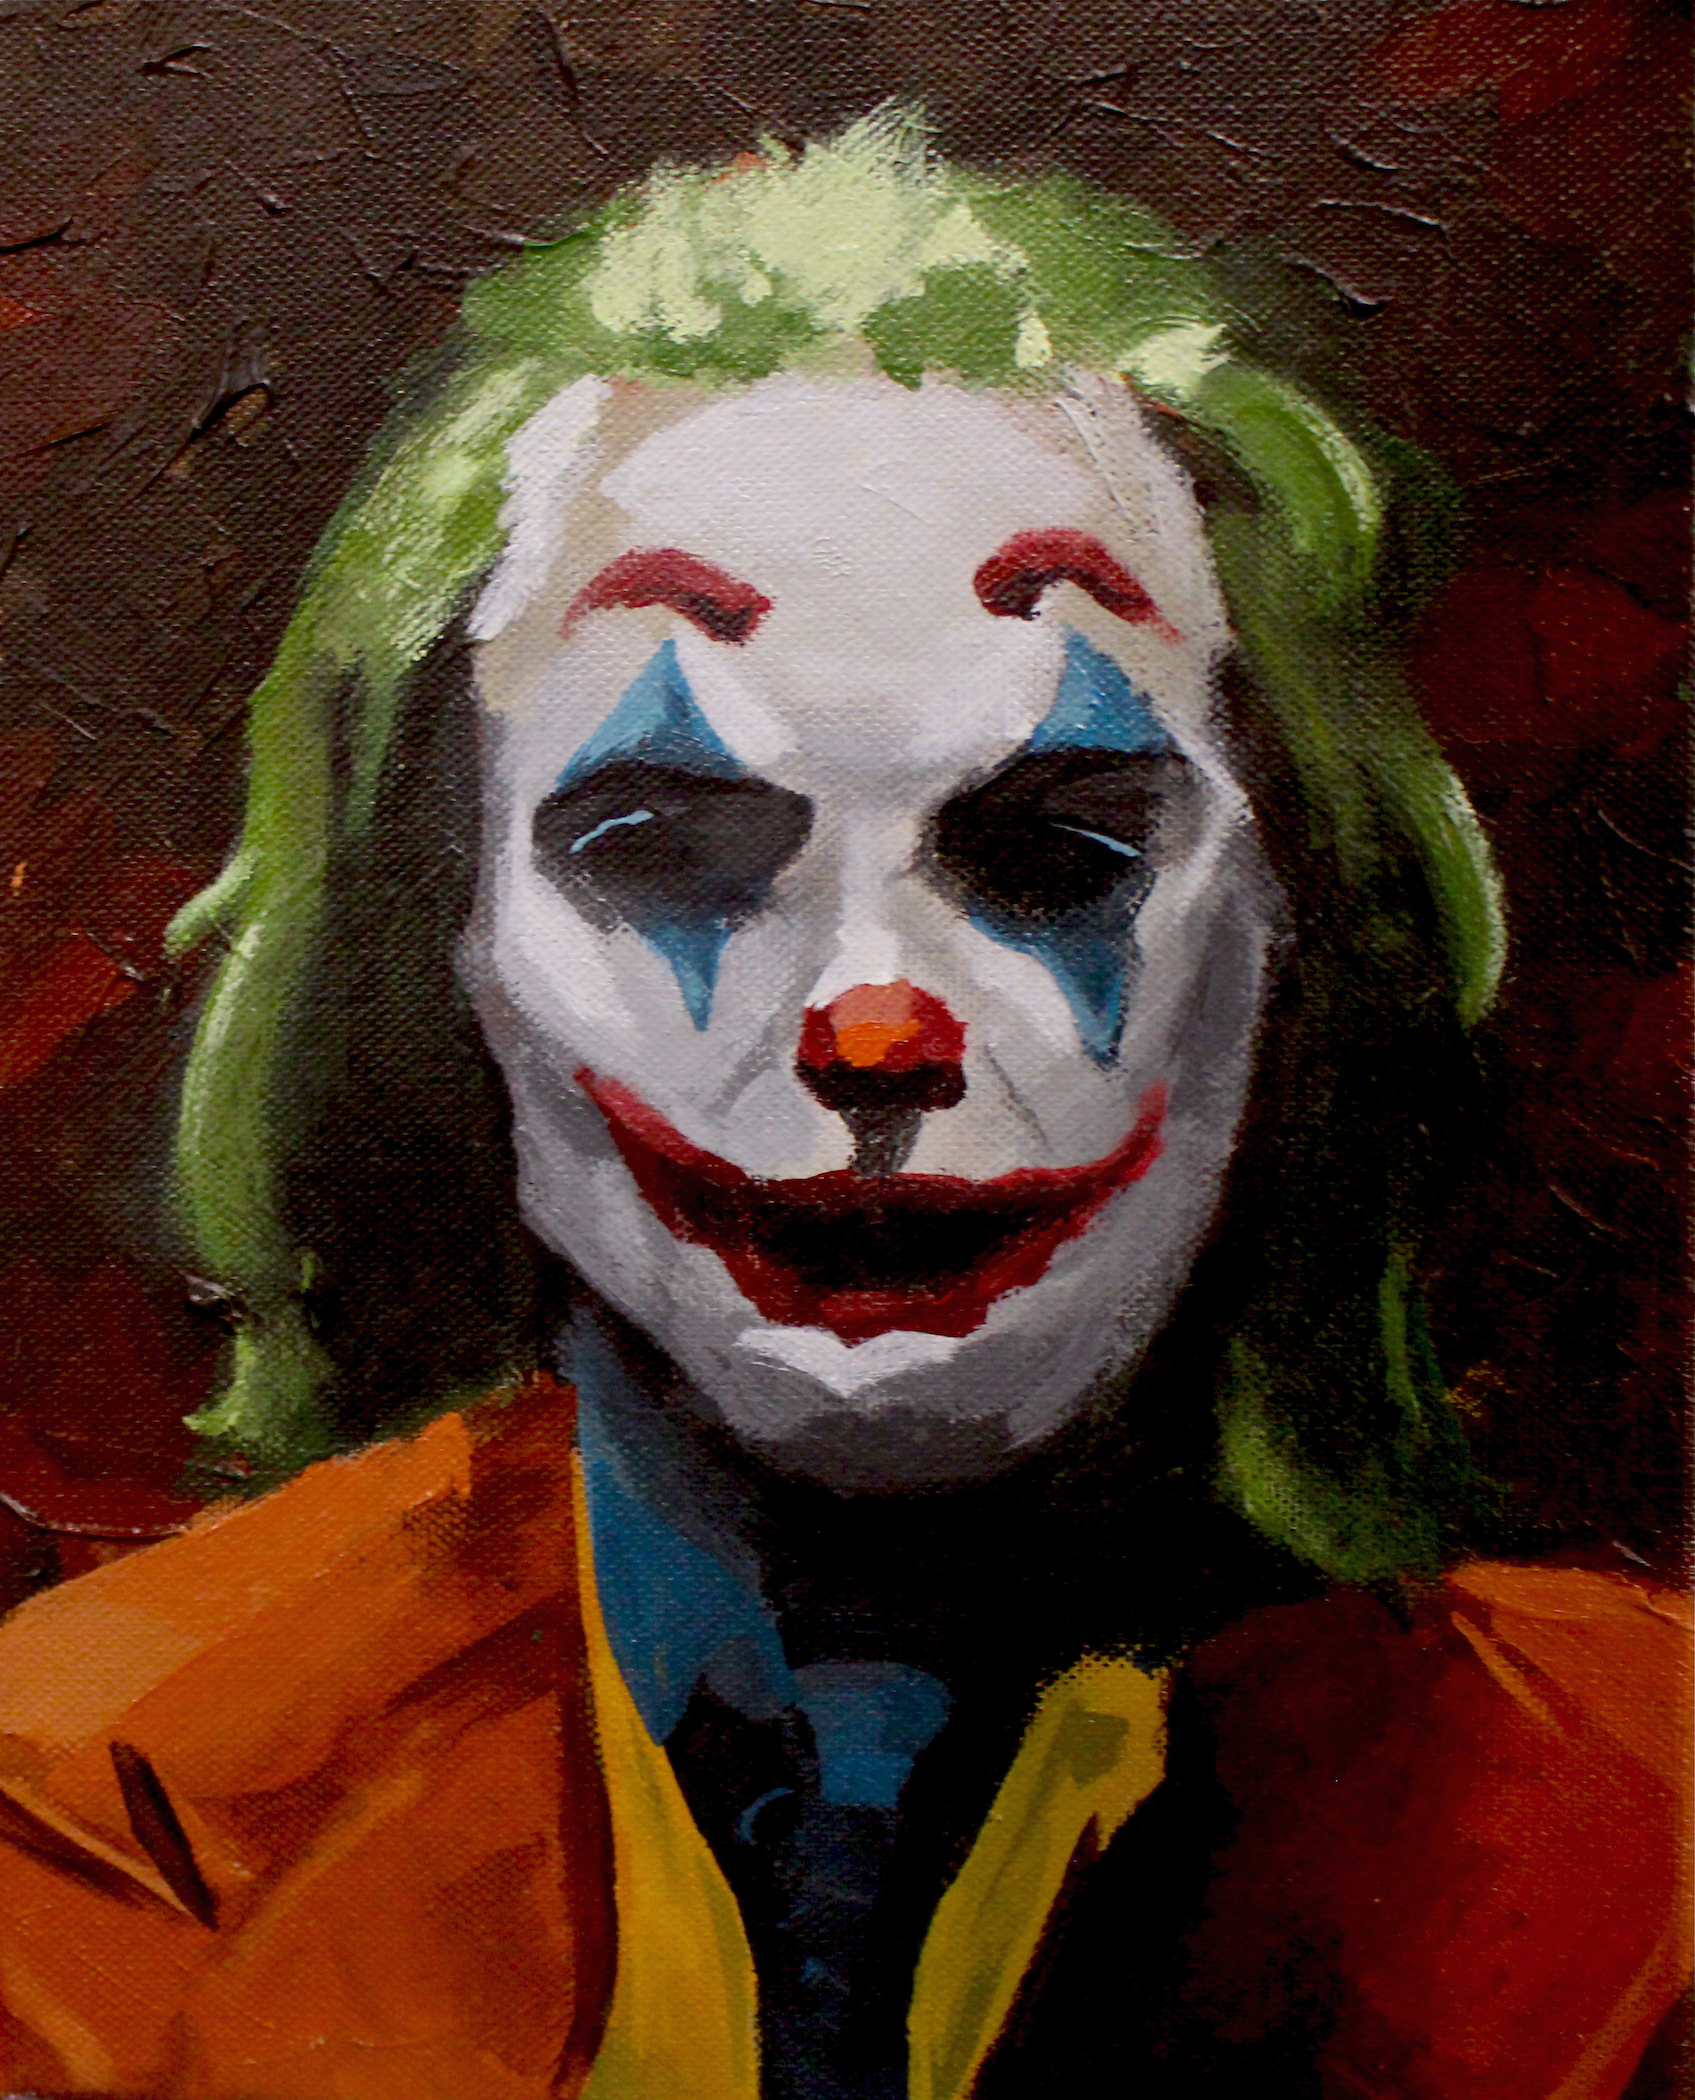 Joker Print 5x7